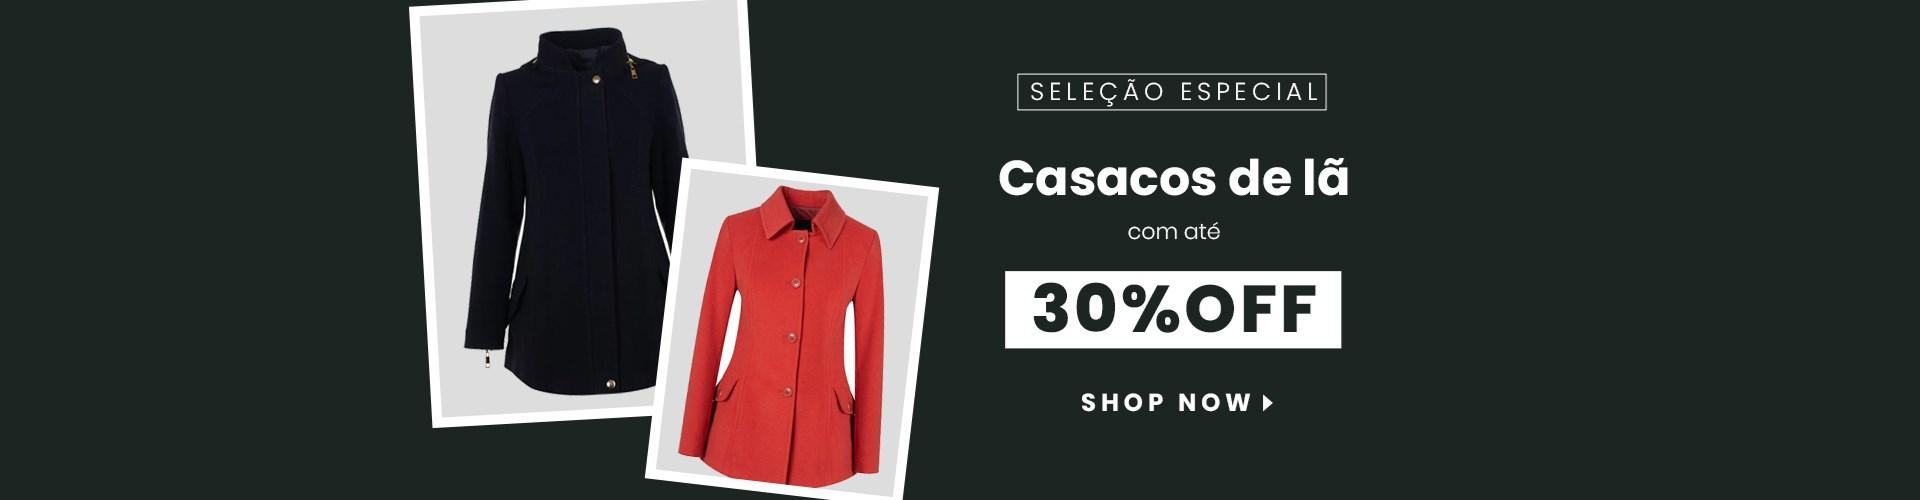 Casacos 30OFF